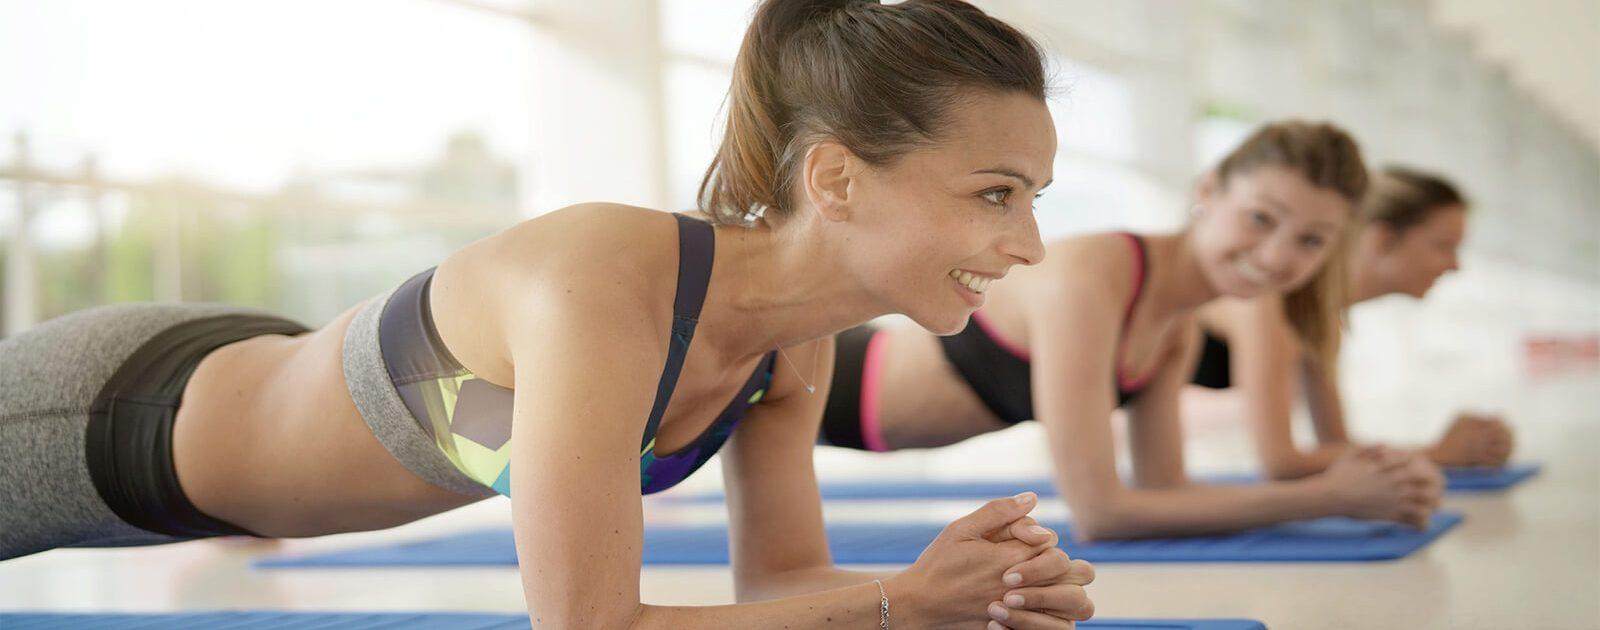 Frauen machen Sportübungen, um die Schmerzen ihres Hexenschusses zu lindern.